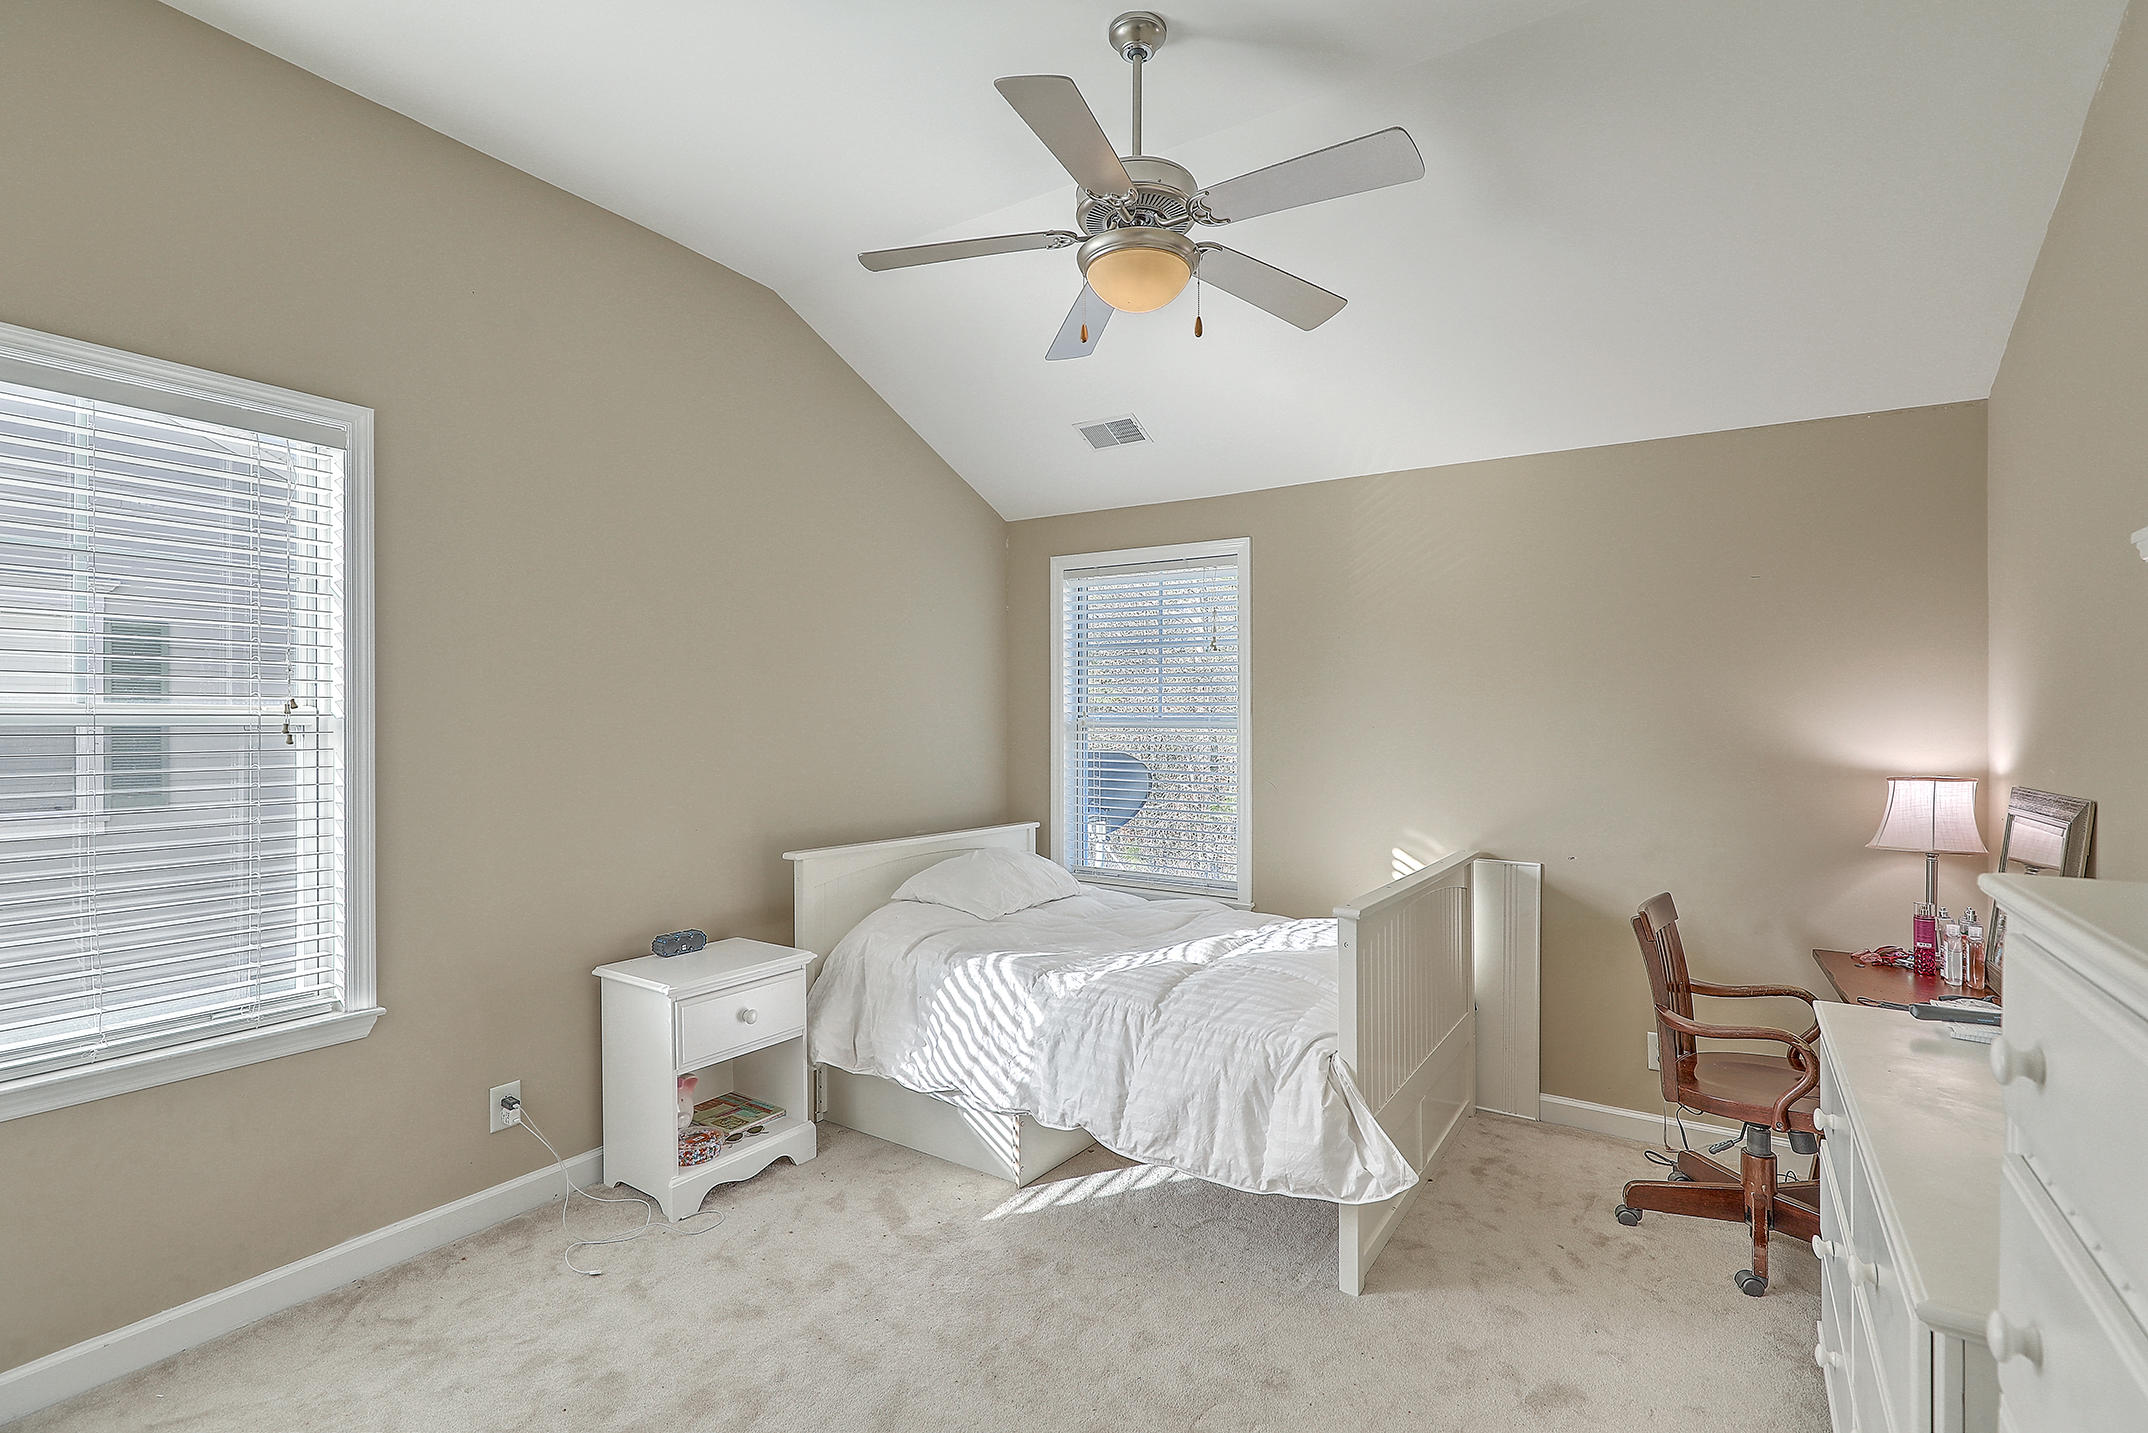 Dunes West Homes For Sale - 129 Palm Cove, Mount Pleasant, SC - 27